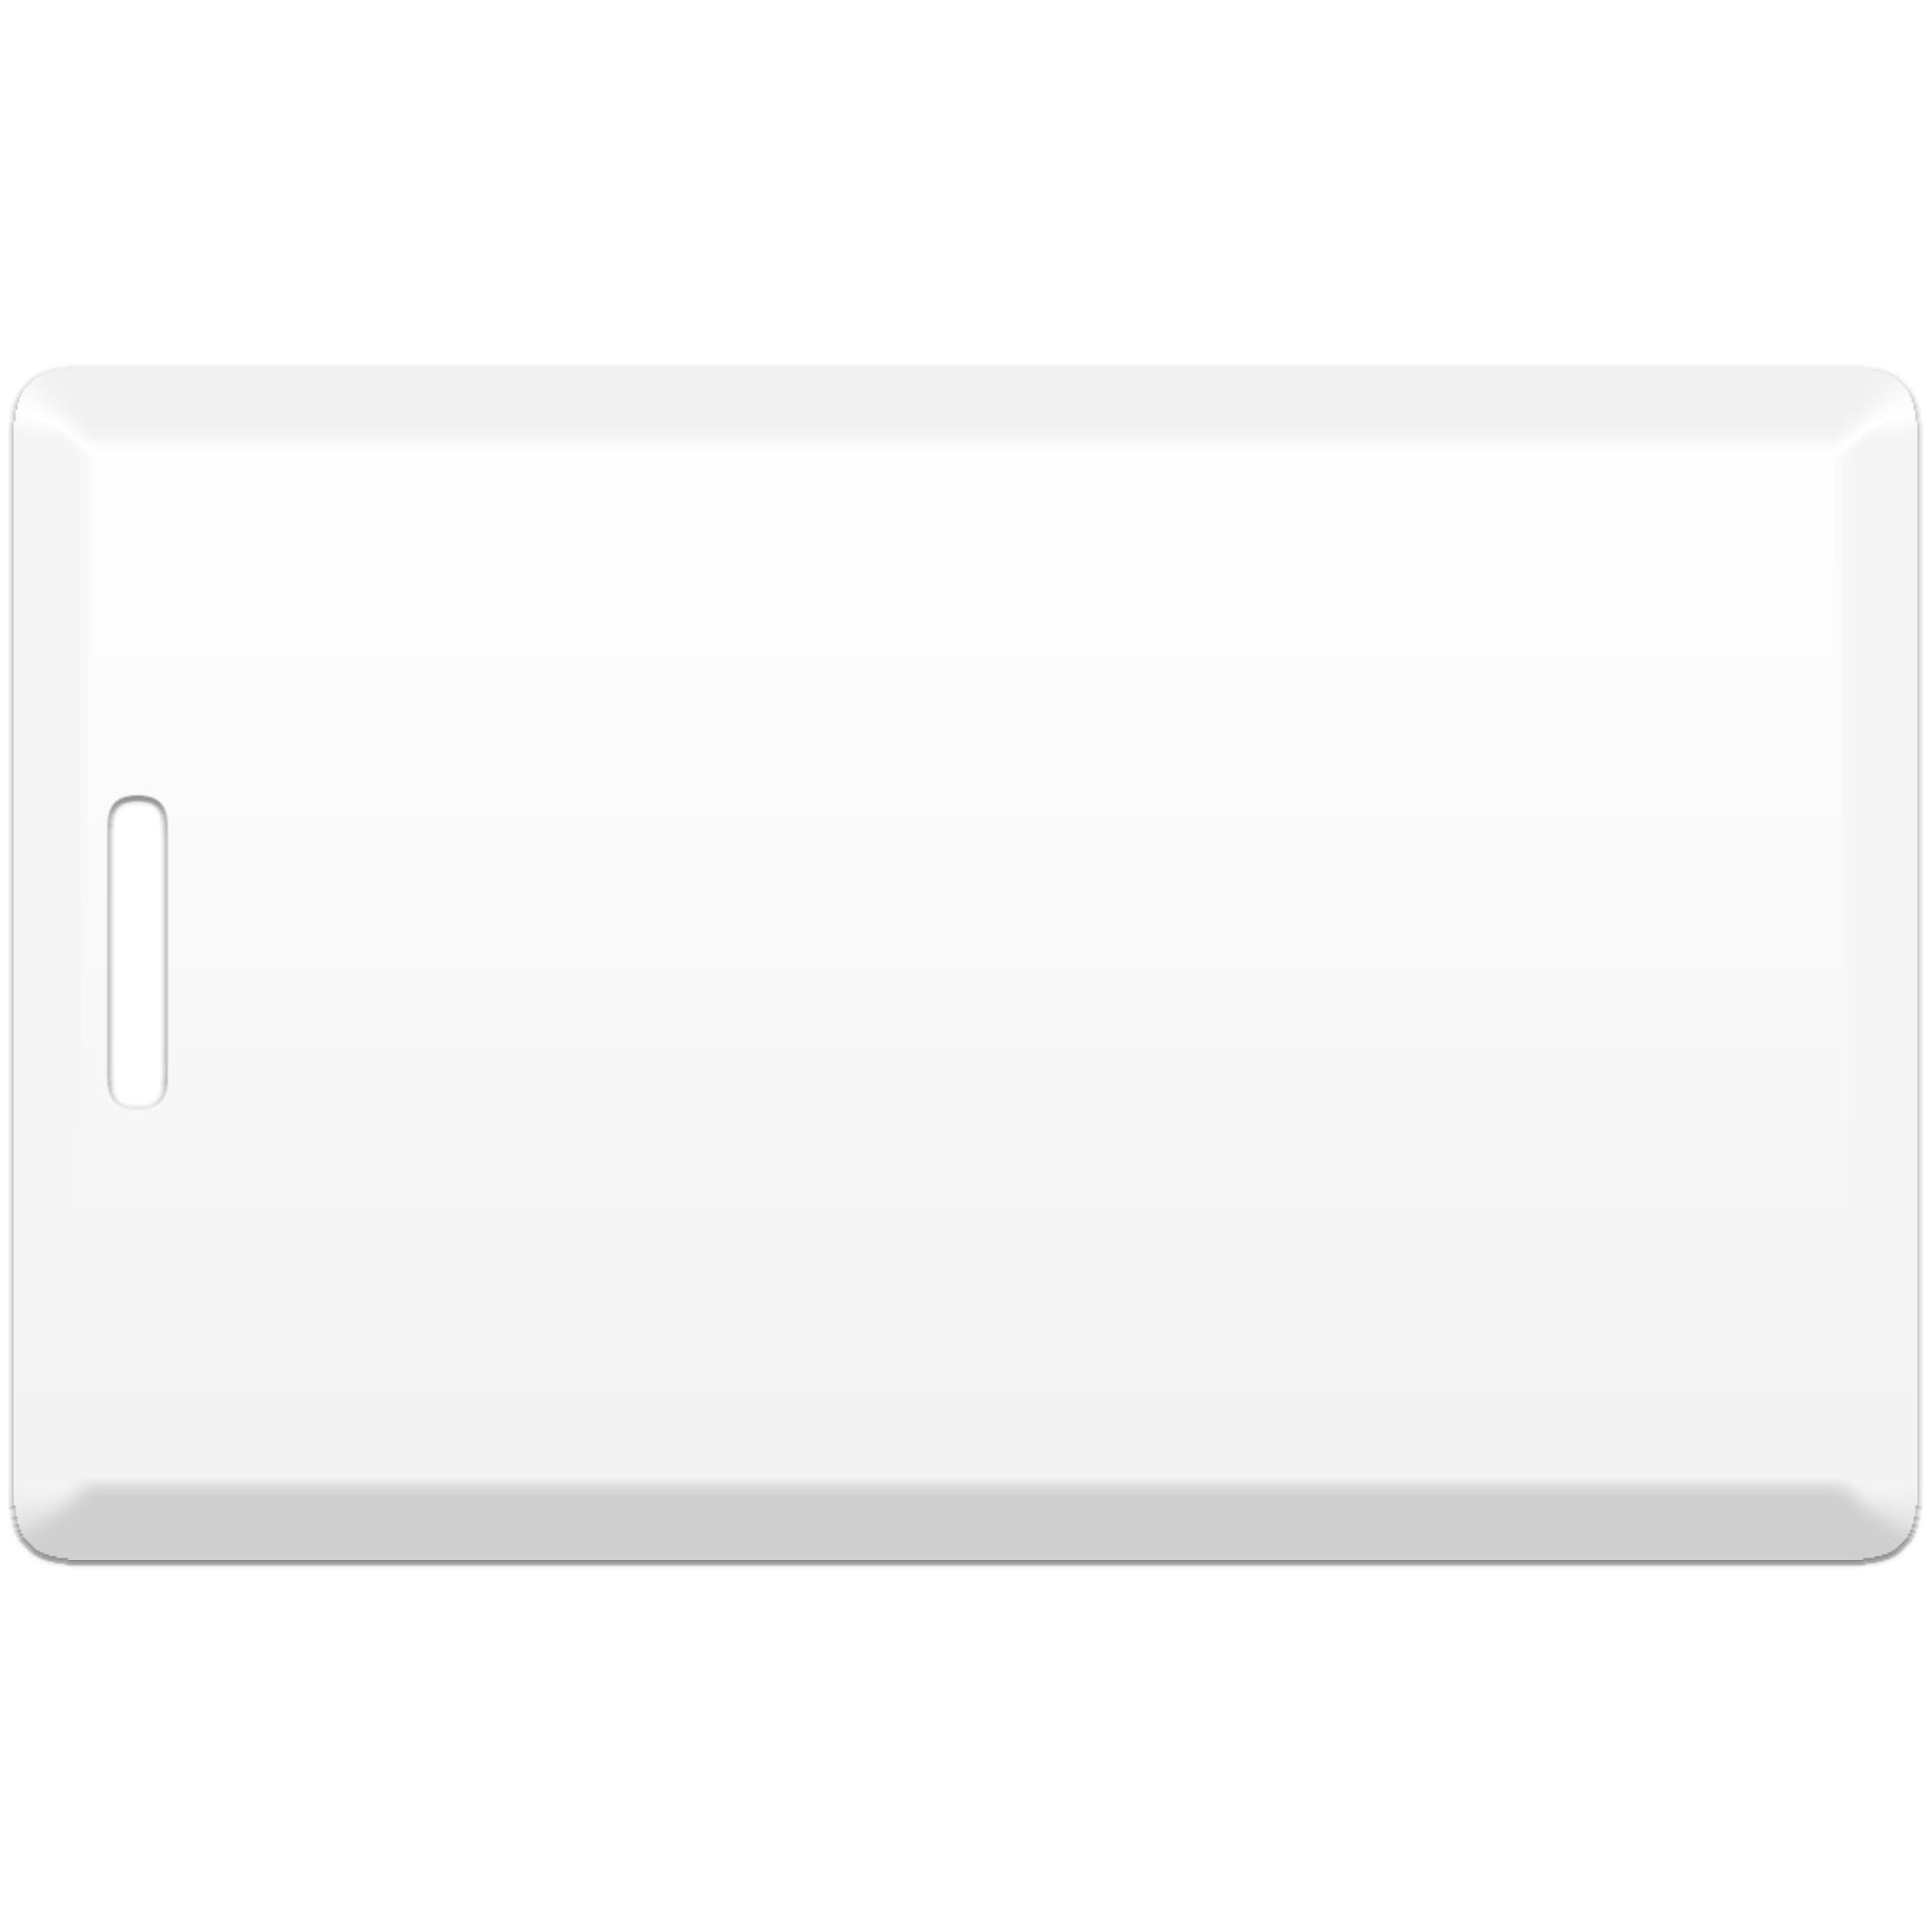 Бесконтактная пластиковая карта (толстая) с прорезью, с чипом Em-Marine Clamshell